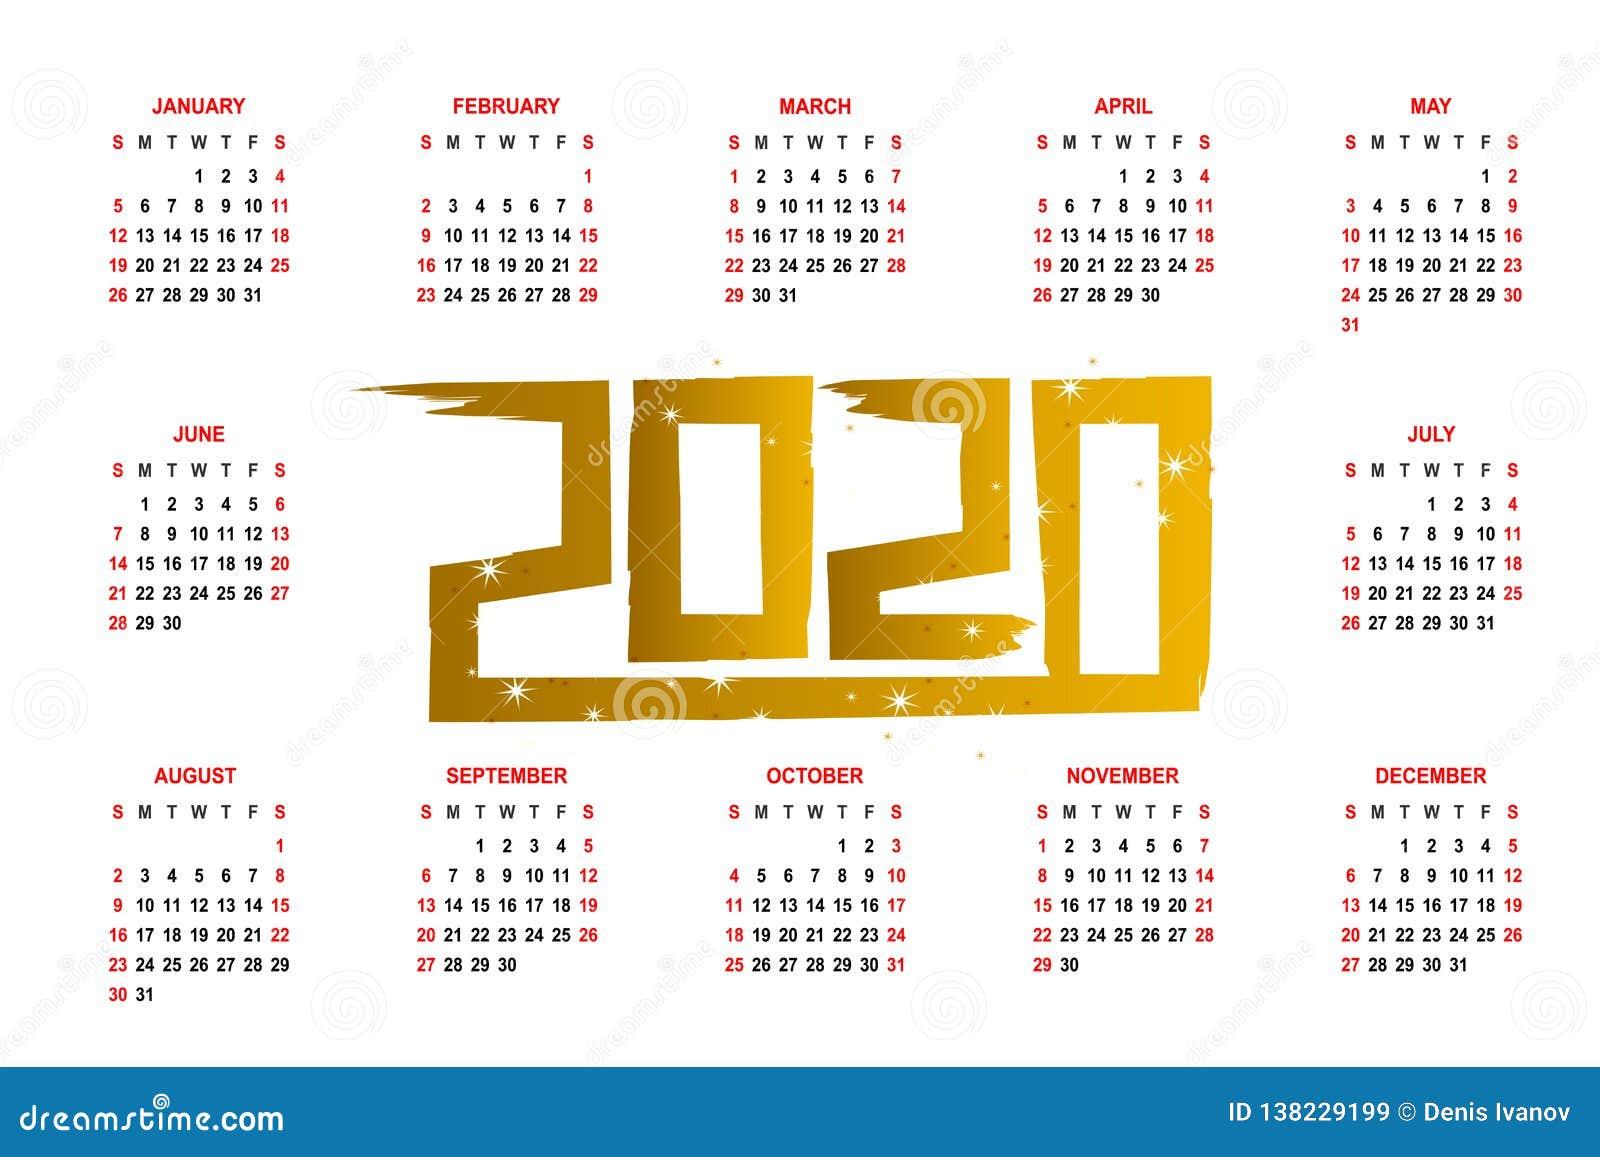 Calendario 2020 Semanas.Calendario 2020 As Semanas Comecam Em Segunda Feira